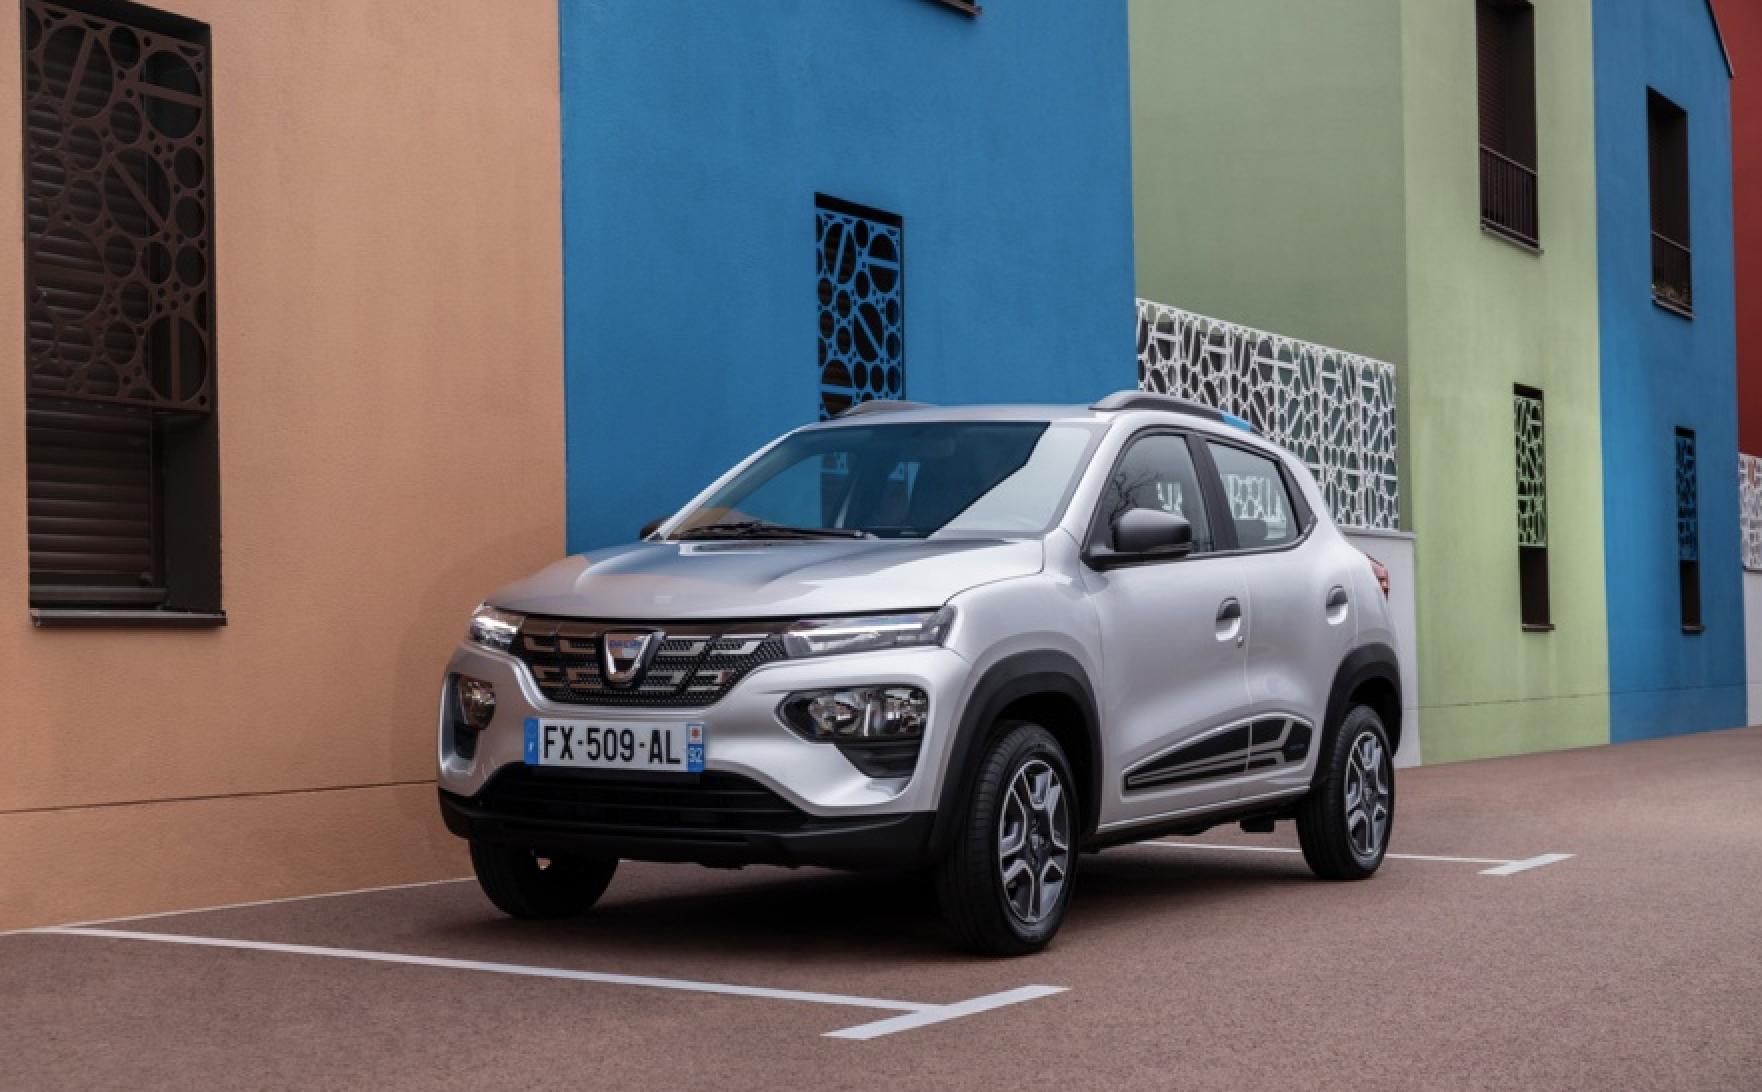 17 тисяч євро за базову версію: Dacia відкриває попередні замовлення на електромобіль Spring